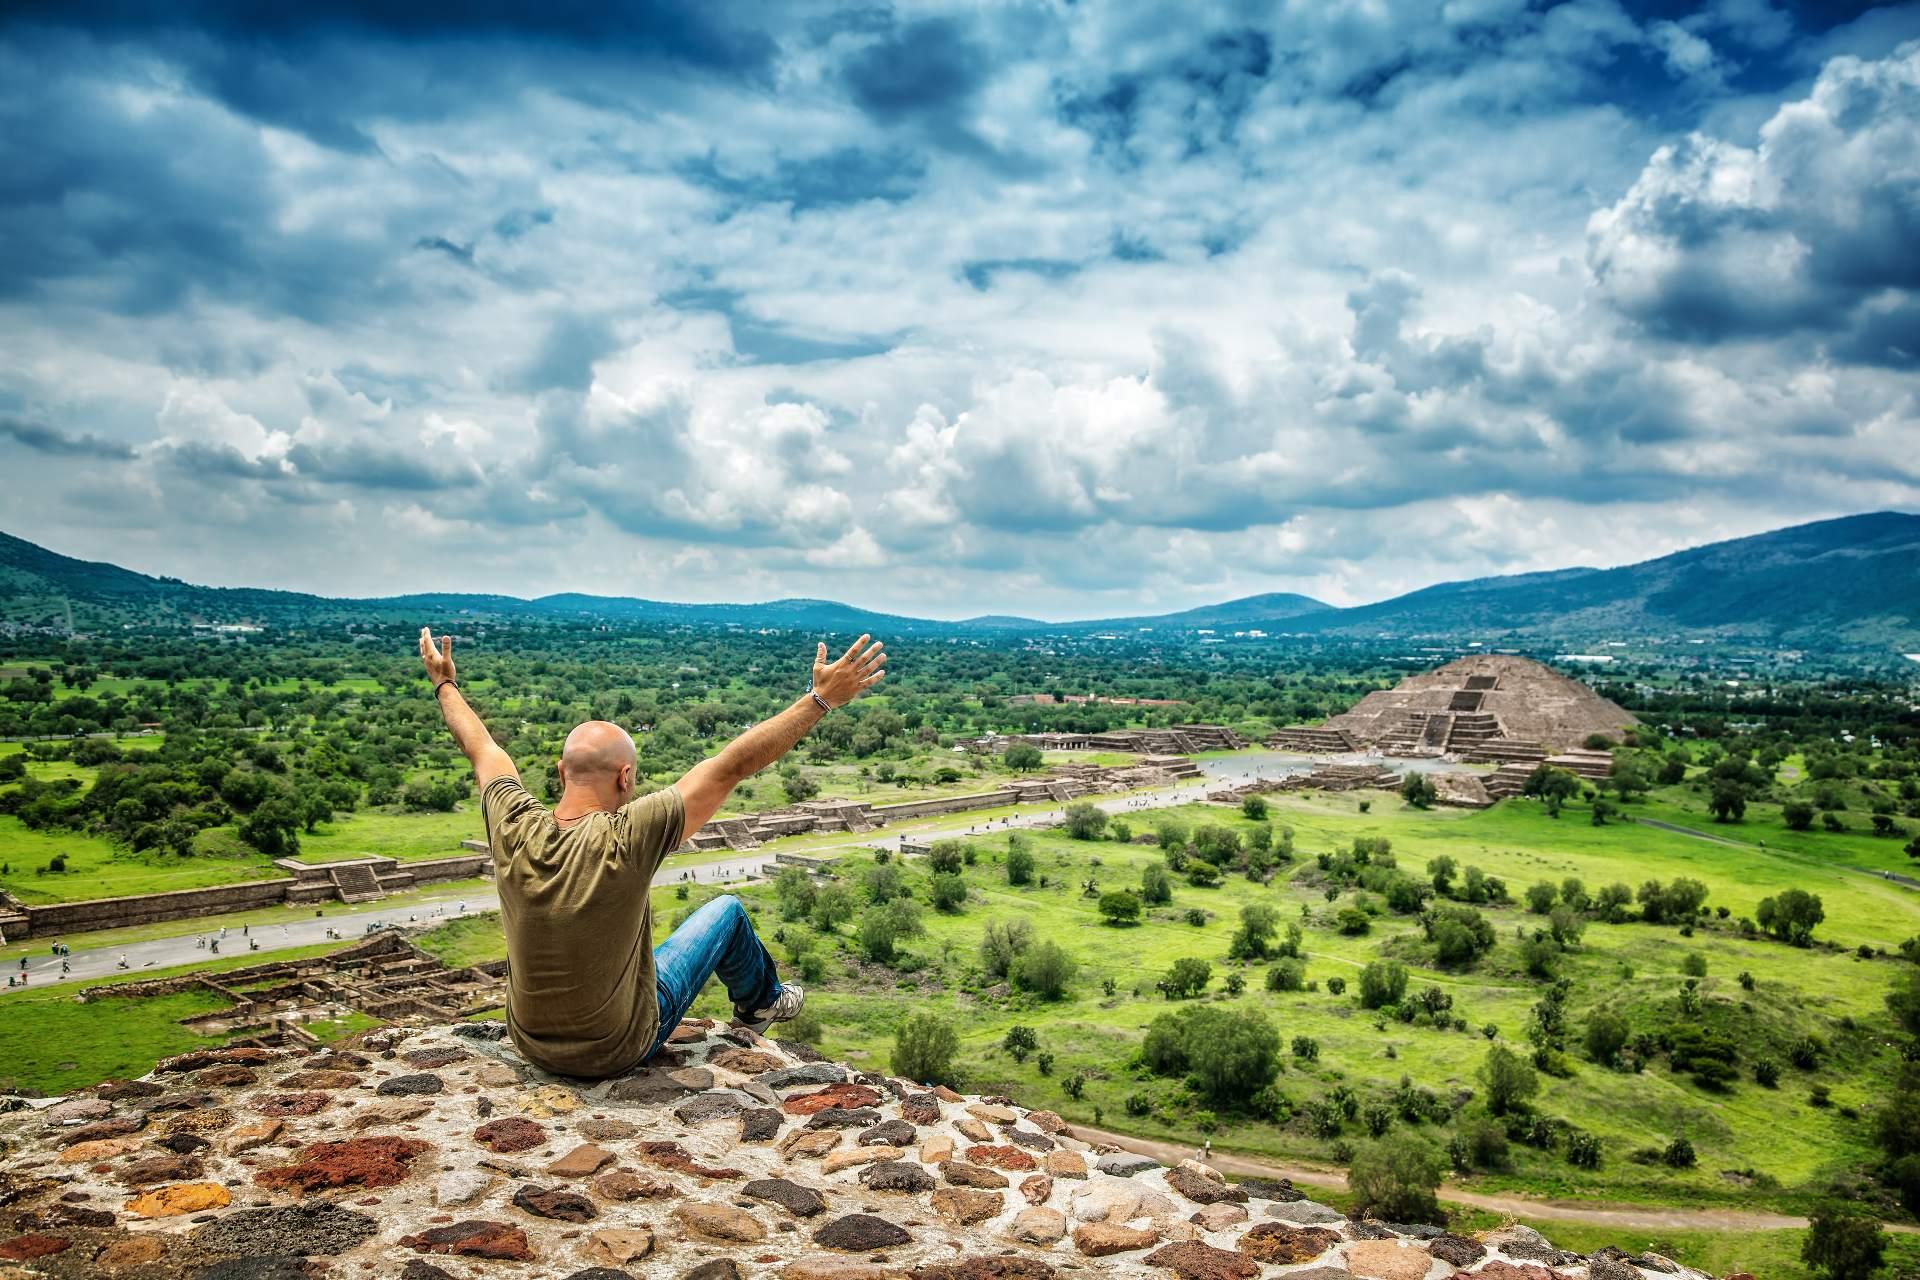 Des vacances au Mexique : les plus belles destinations à faire